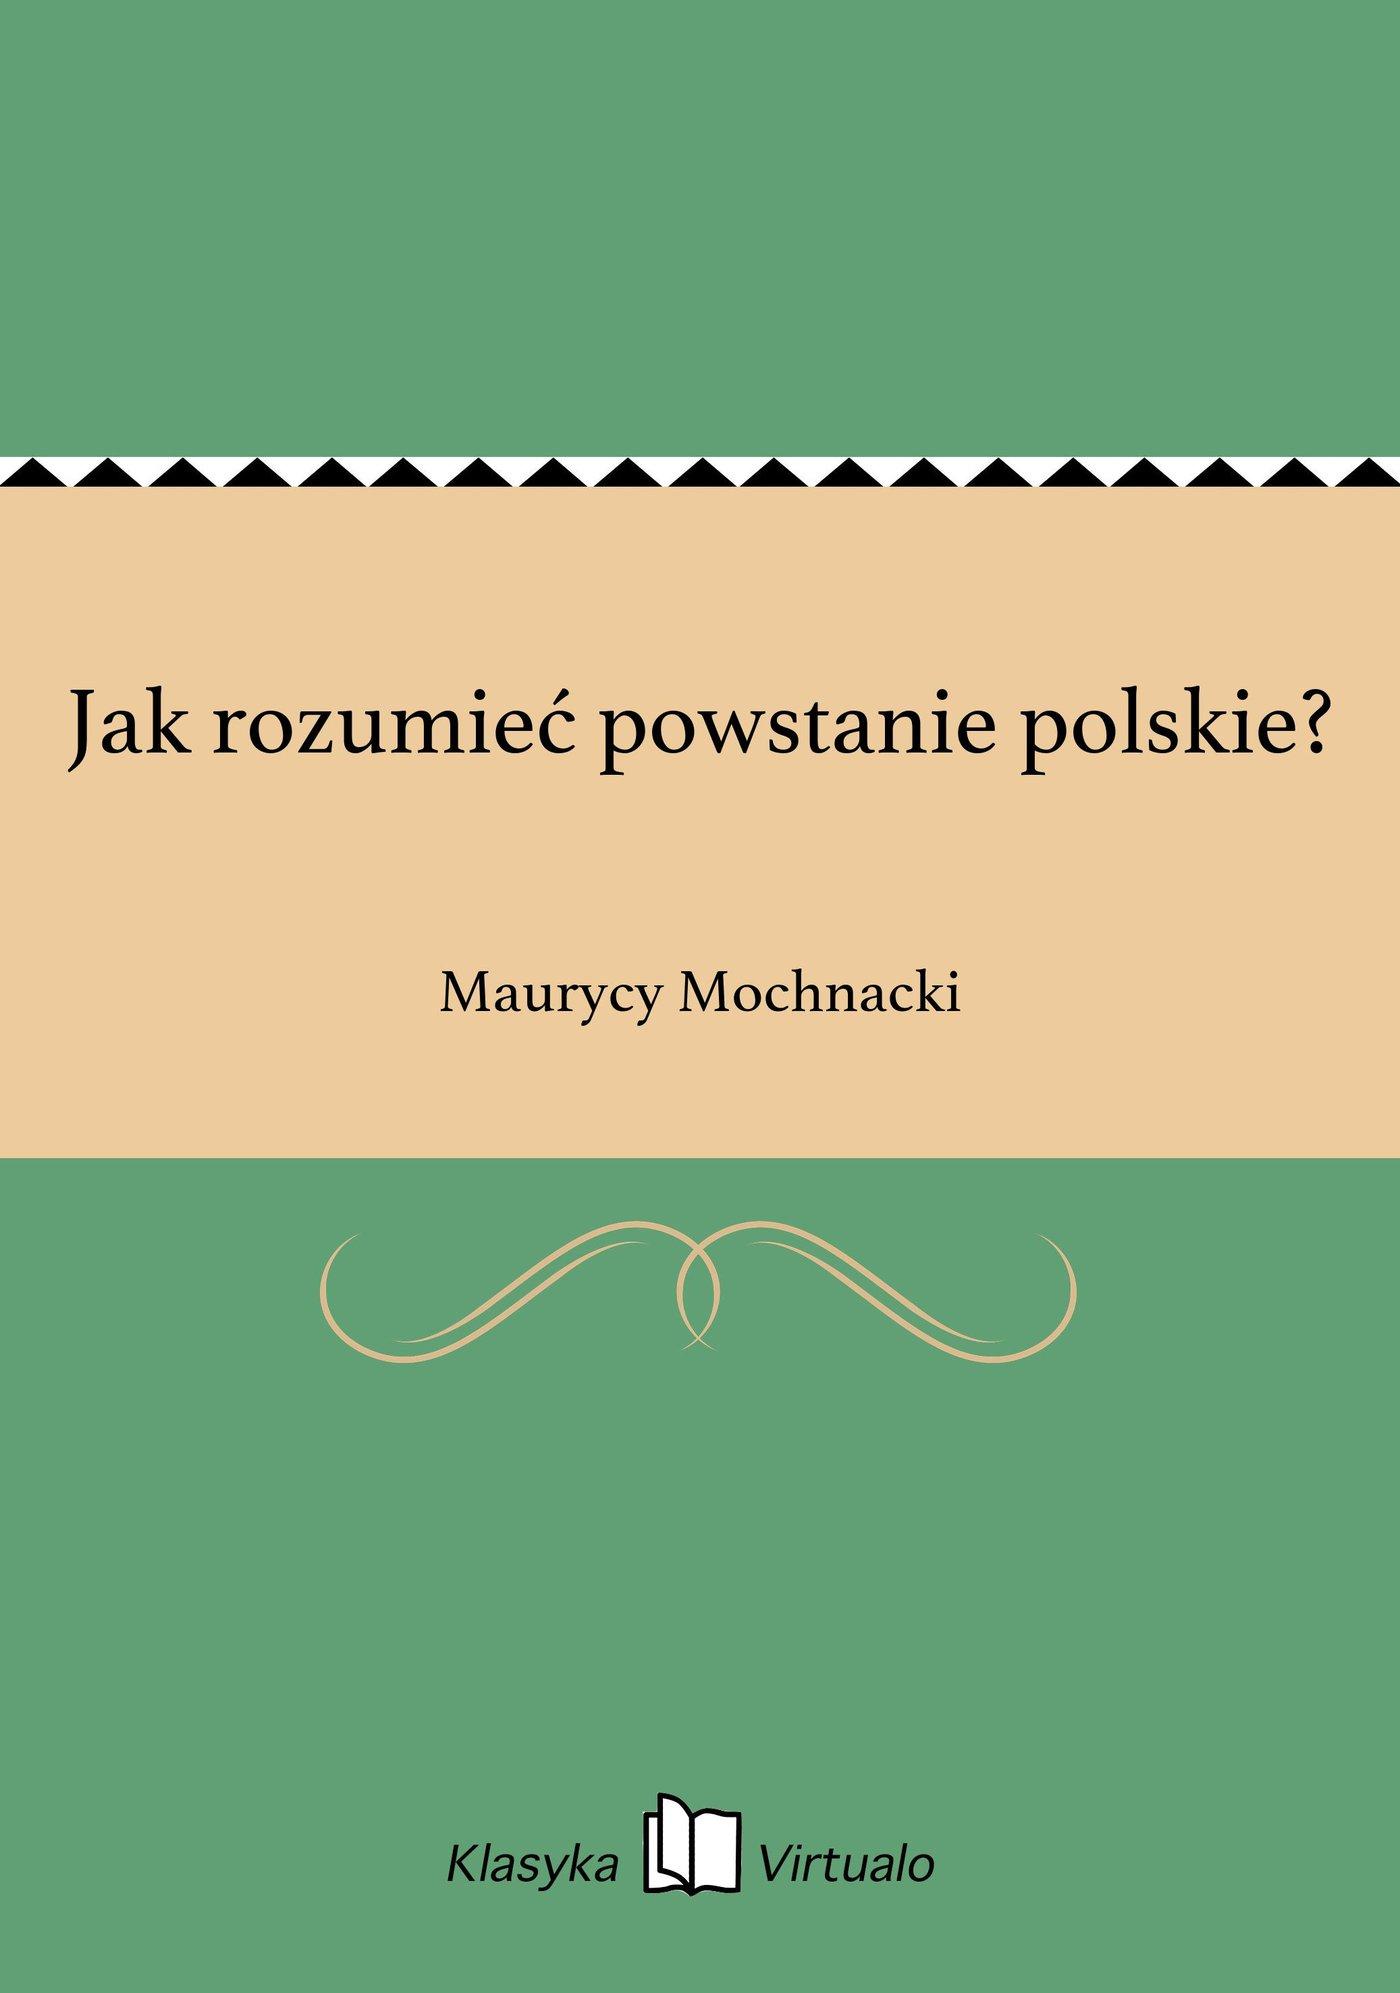 Jak rozumieć powstanie polskie? - Ebook (Książka EPUB) do pobrania w formacie EPUB